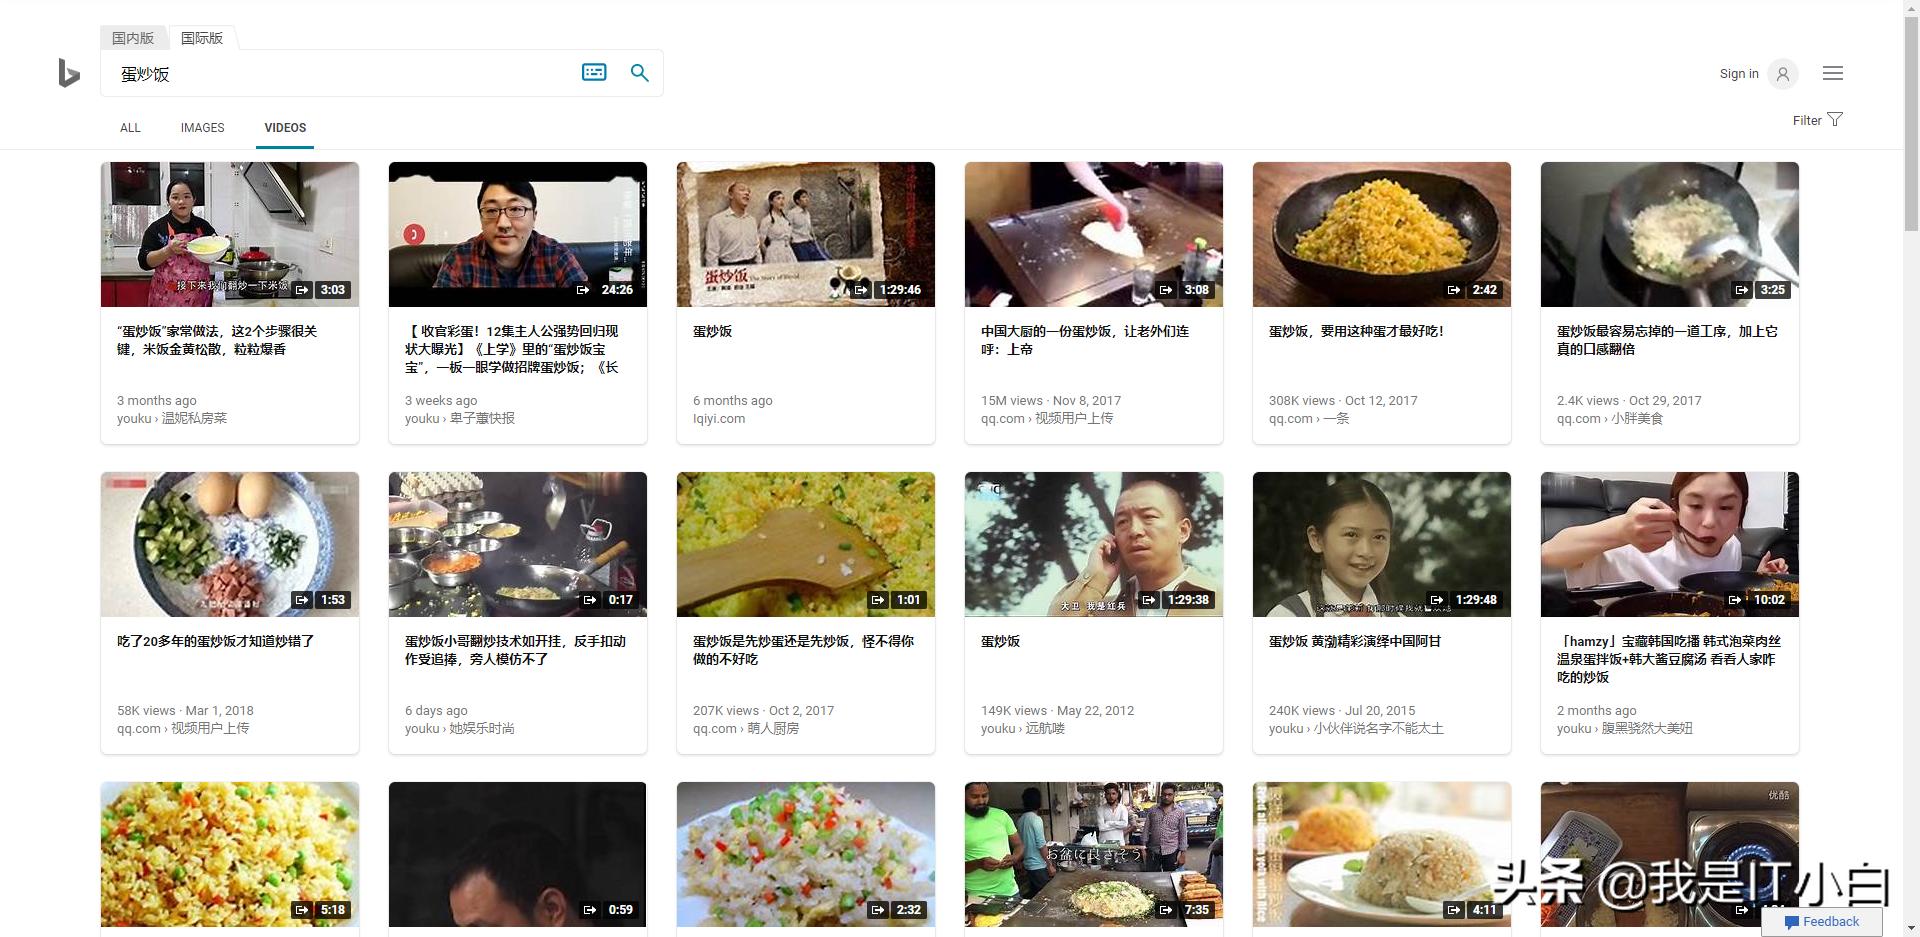 视频搜索引擎有哪些(这些视频搜索引擎都很靠谱)